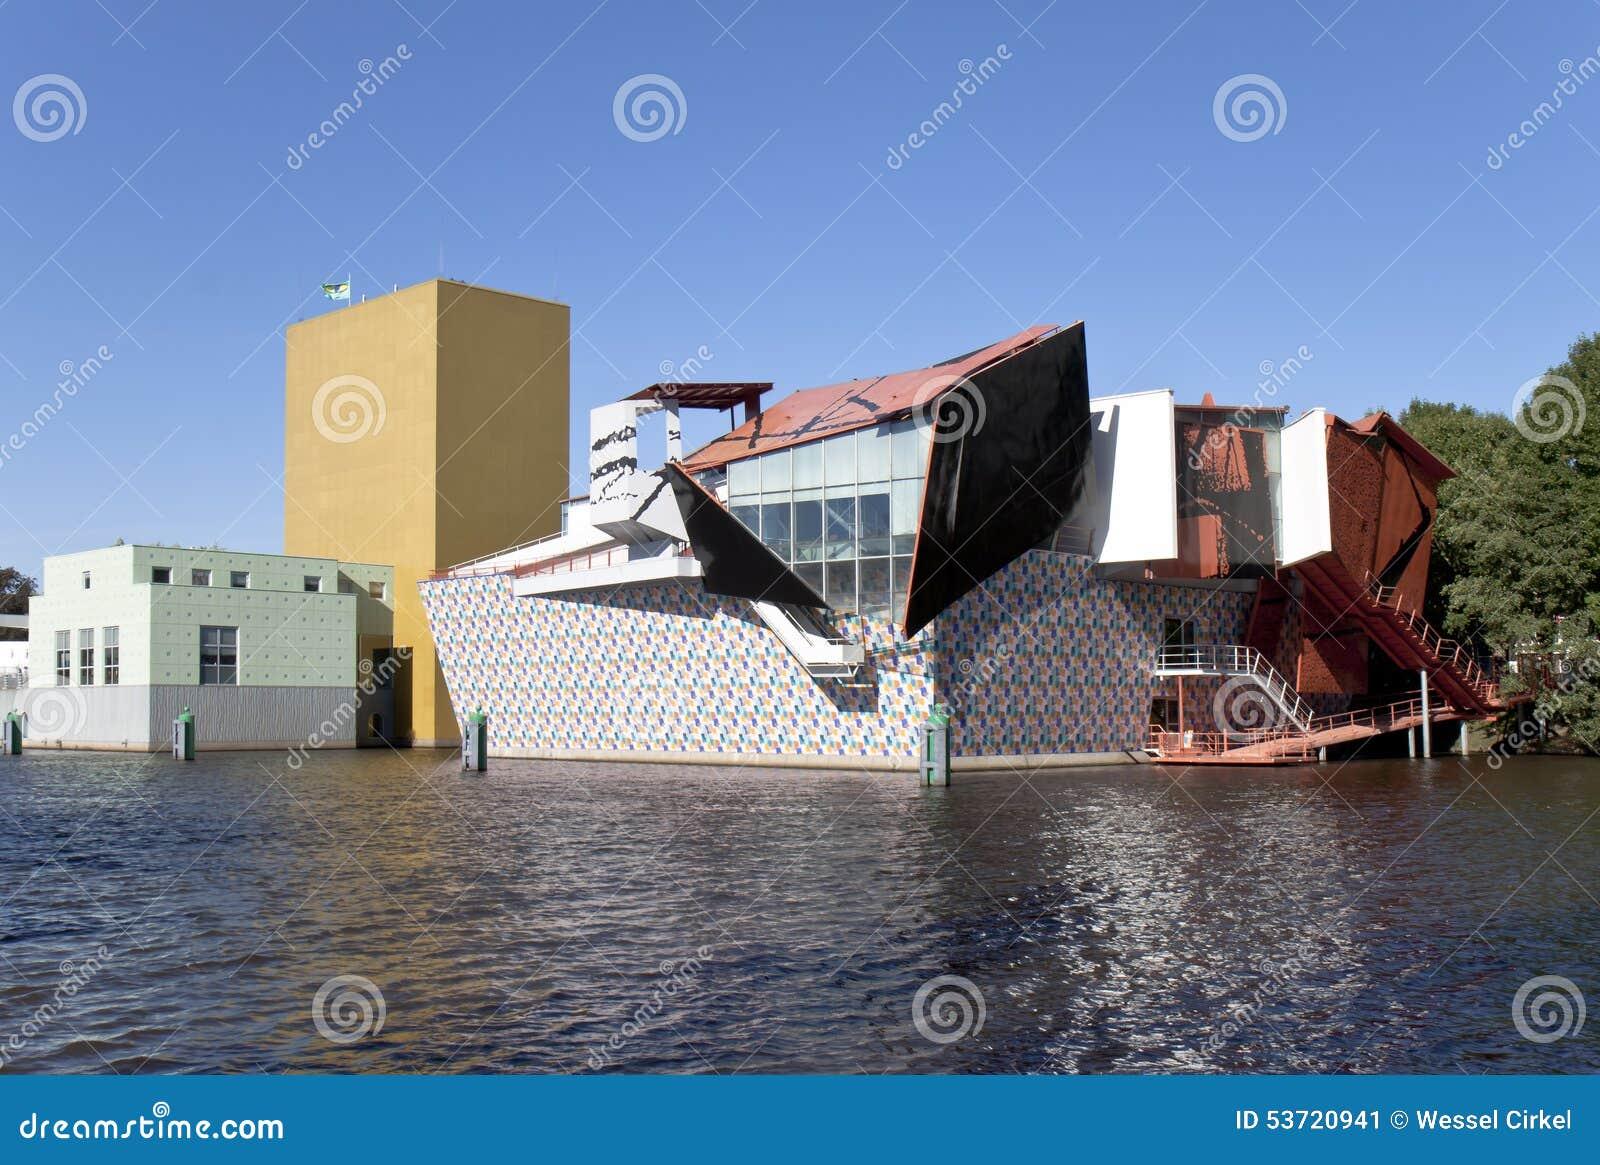 Eigentijds museum in groningen nederland redactionele foto afbeelding 53720941 - Eigentijds gebouw ...